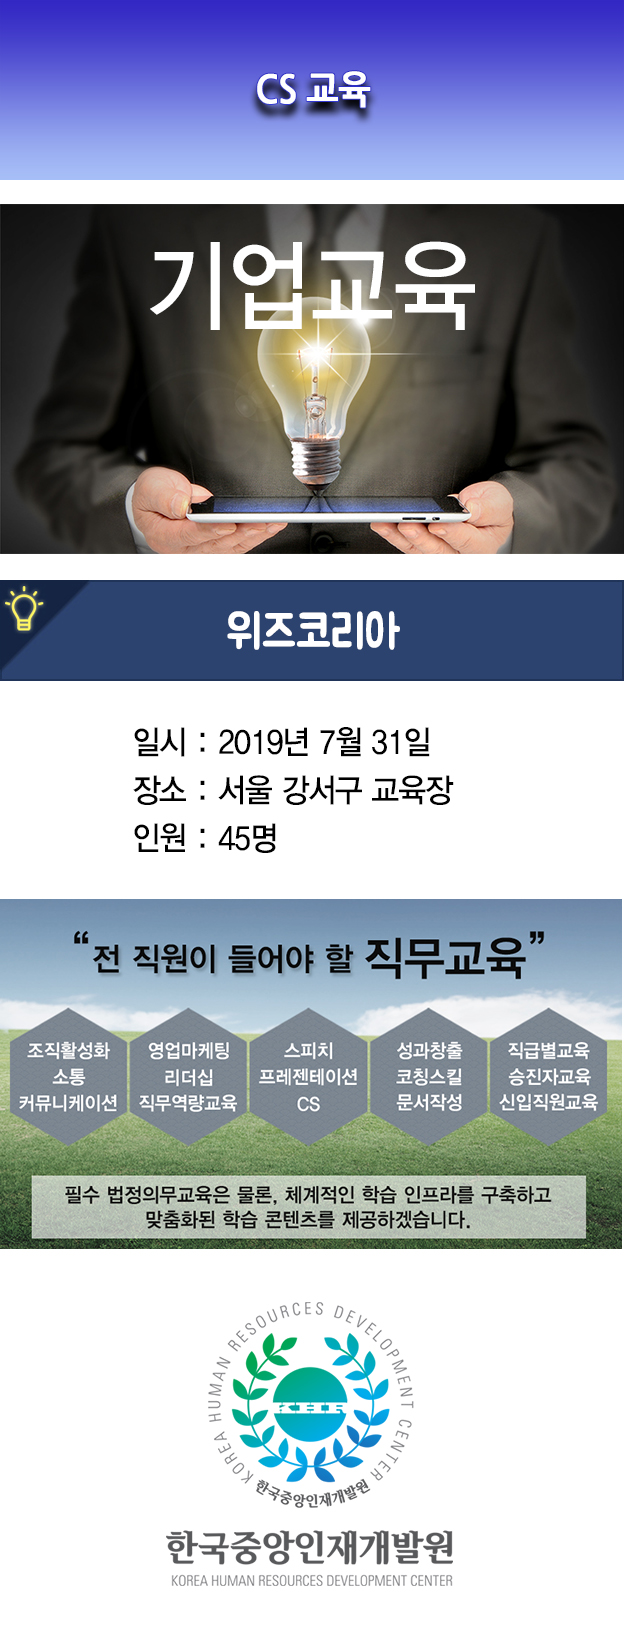 한국중앙인재개발원 공지사항_위즈코리아.jpg